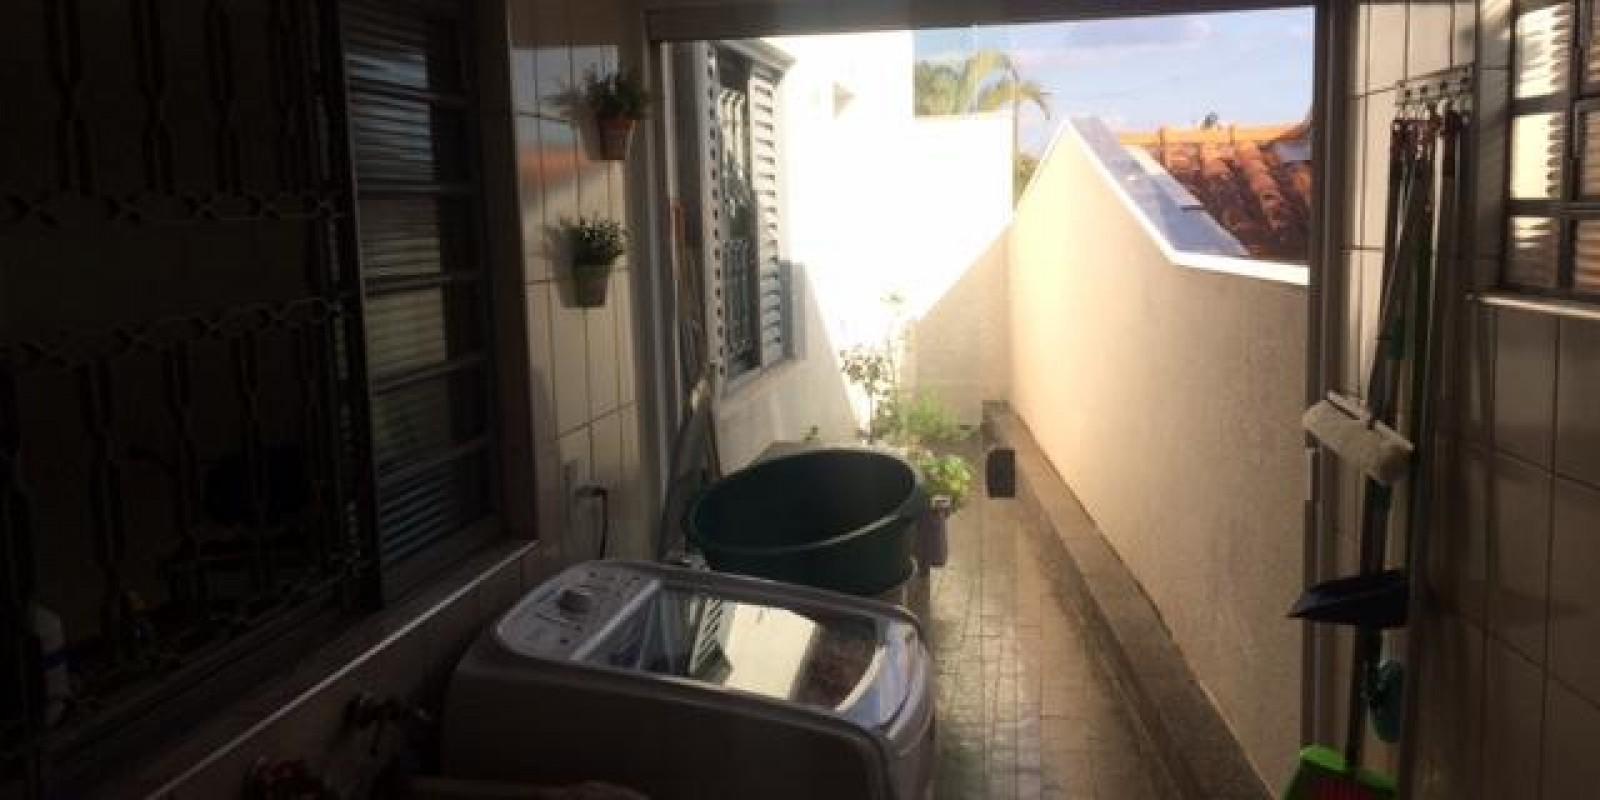 Casa no Bairro Três Maria em Avaré SP - Foto 8 de 19